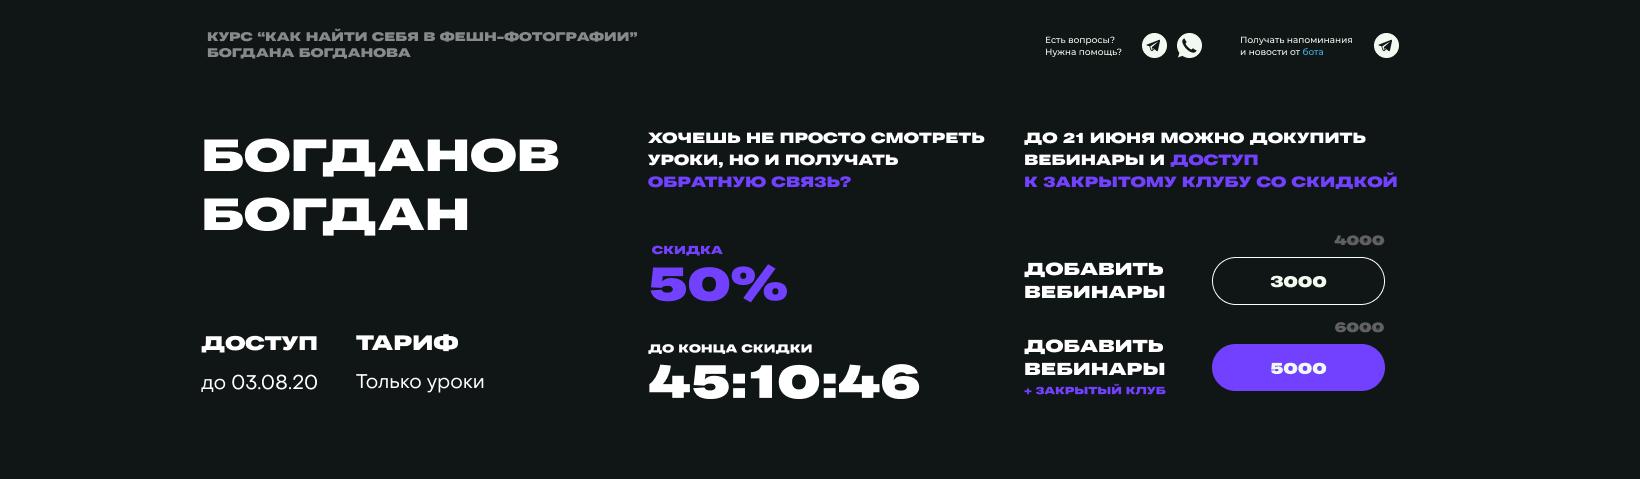 Дизайн личного кабинета для курса Богдана Богданова 4